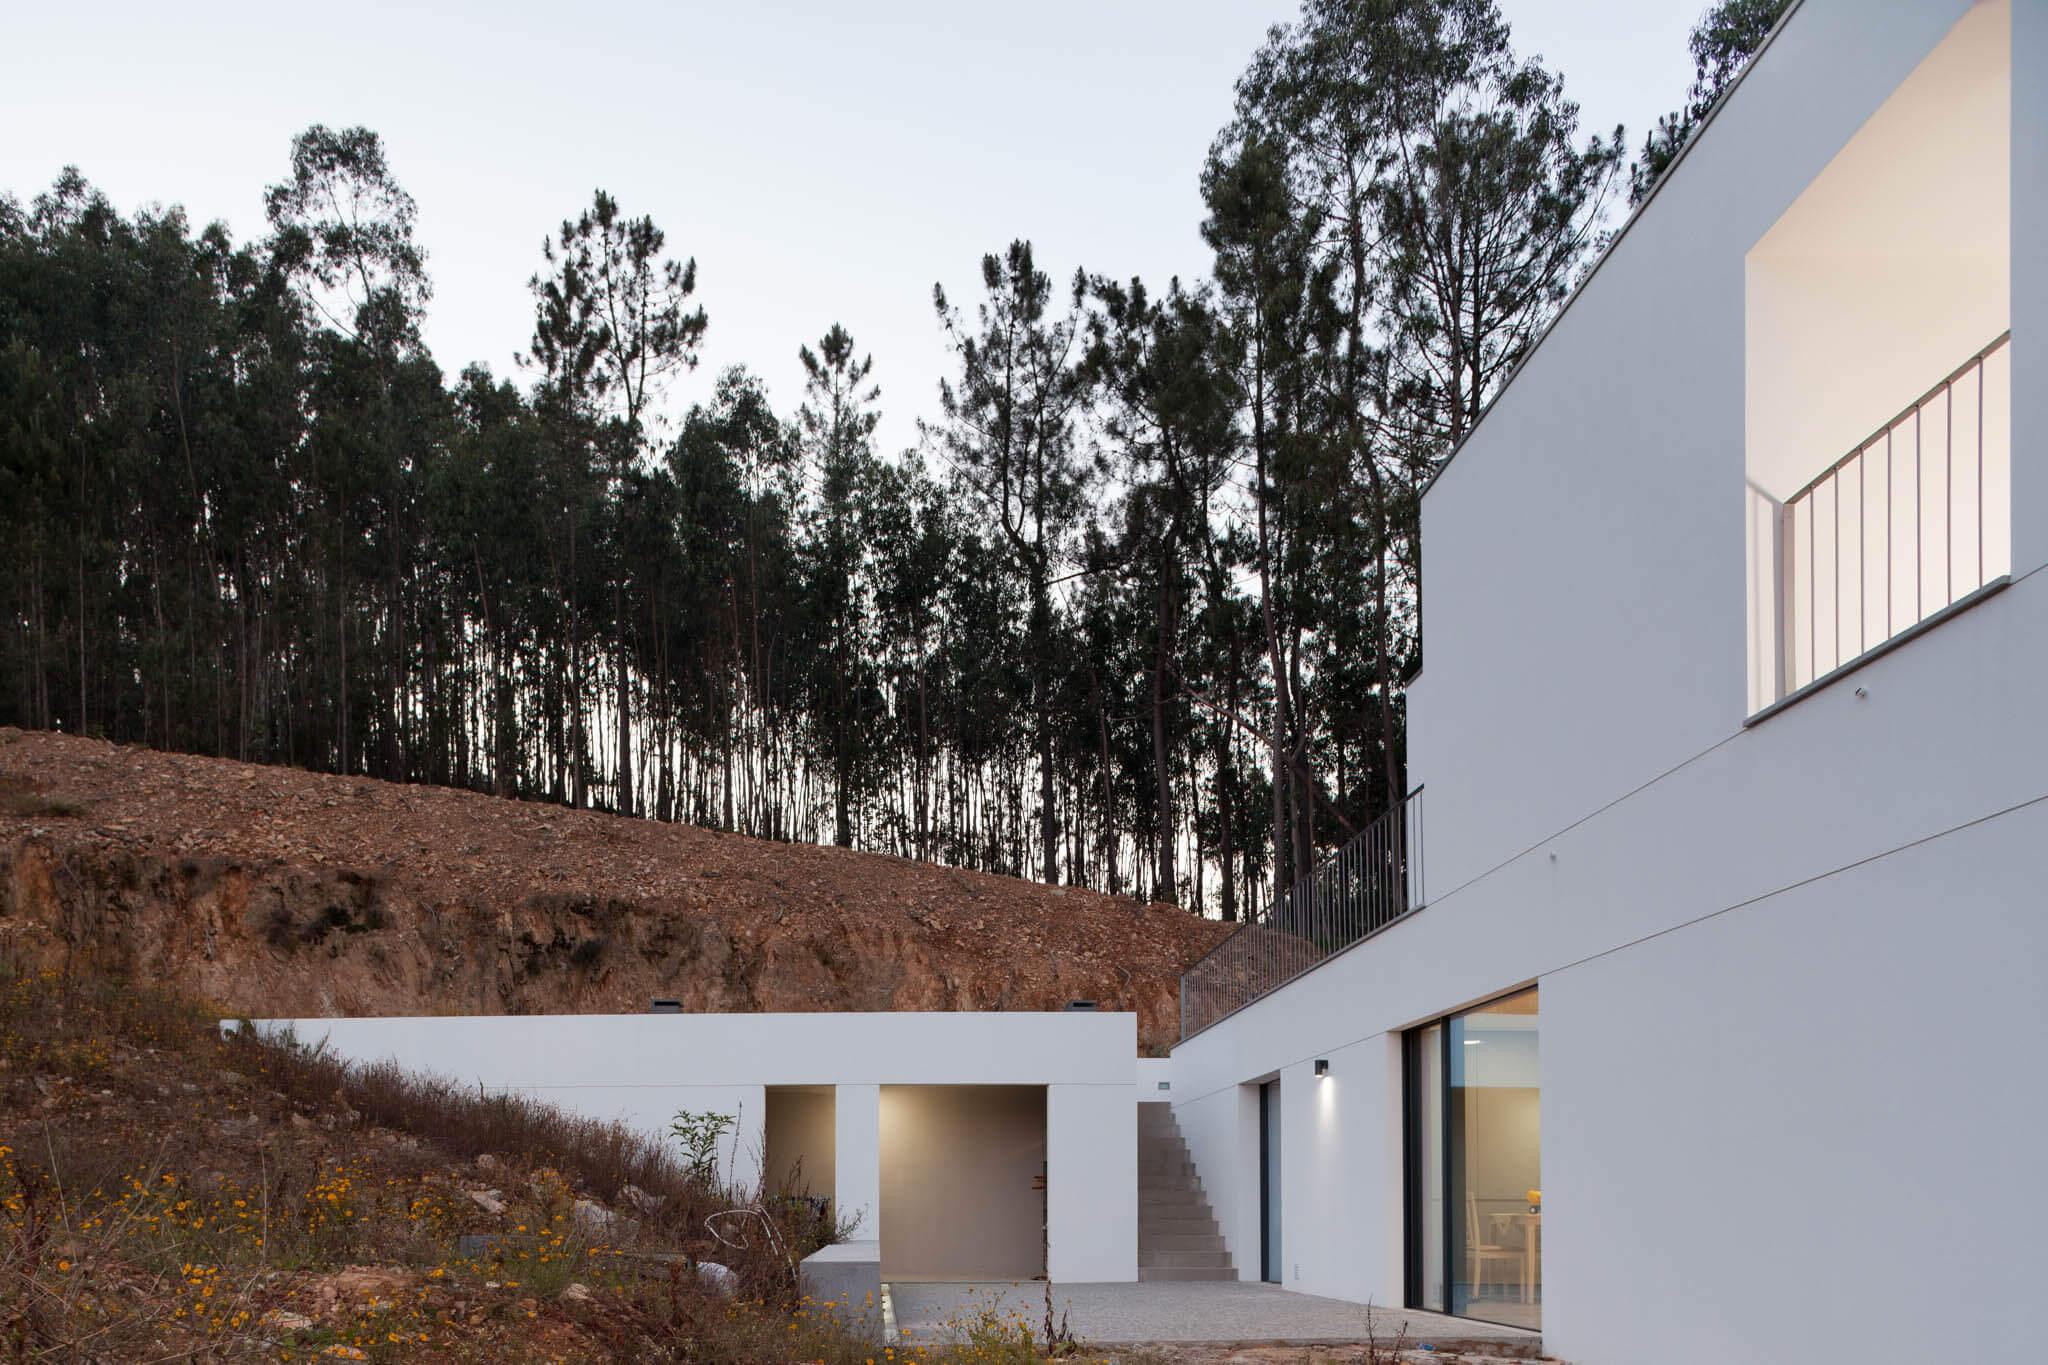 Casa Agueda Atelier De Arquitectura Numa 114 do fotografo Ivo Tavares Studio